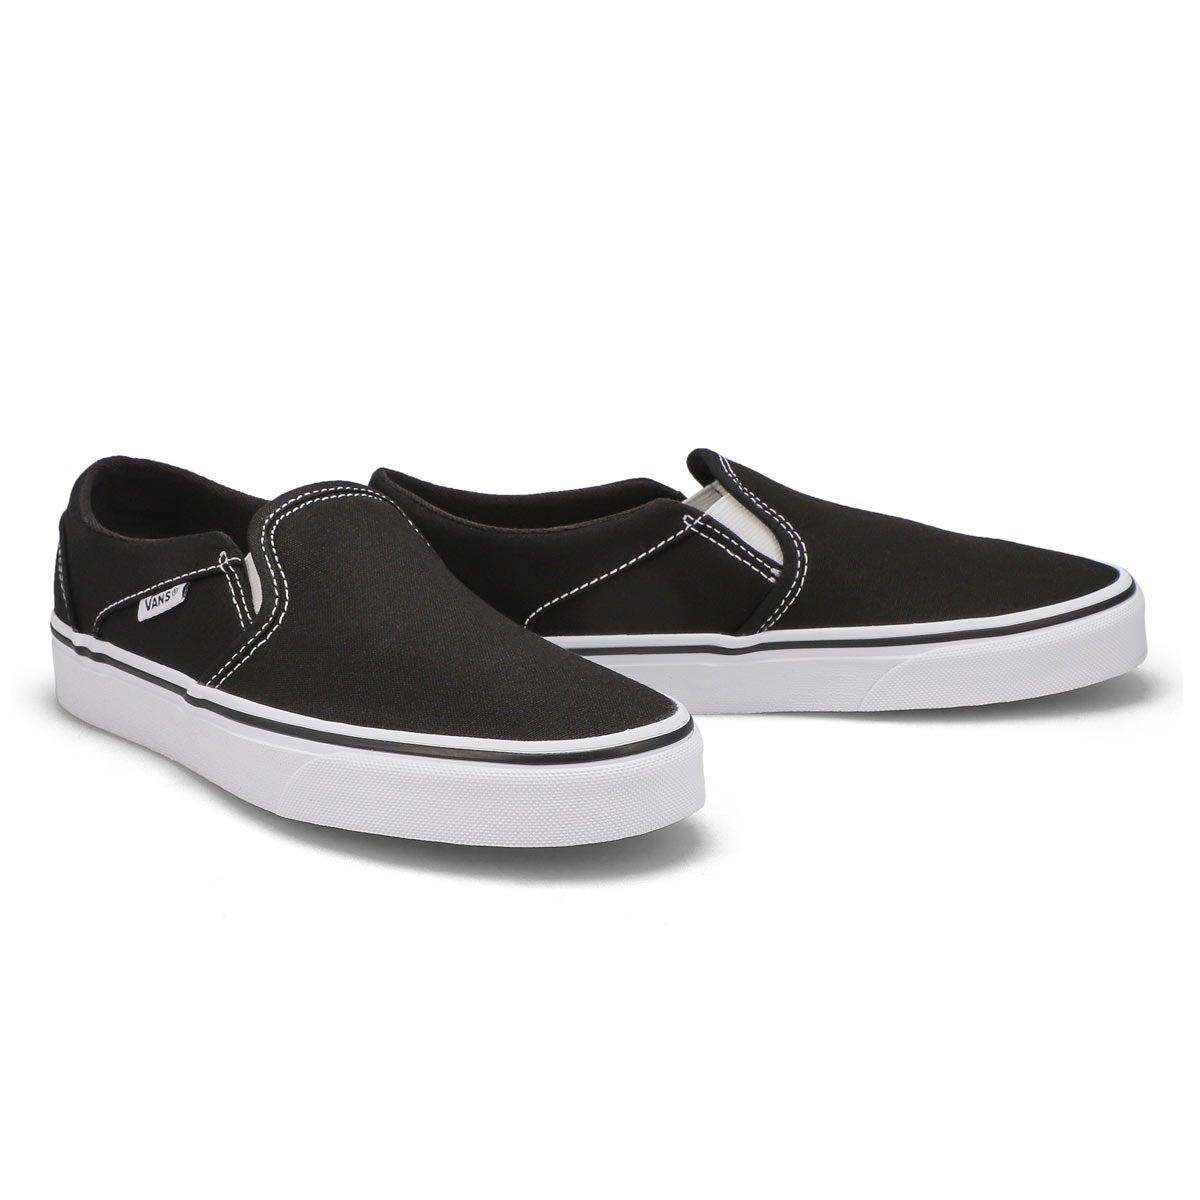 Women's Asher Sneaker - Black/White